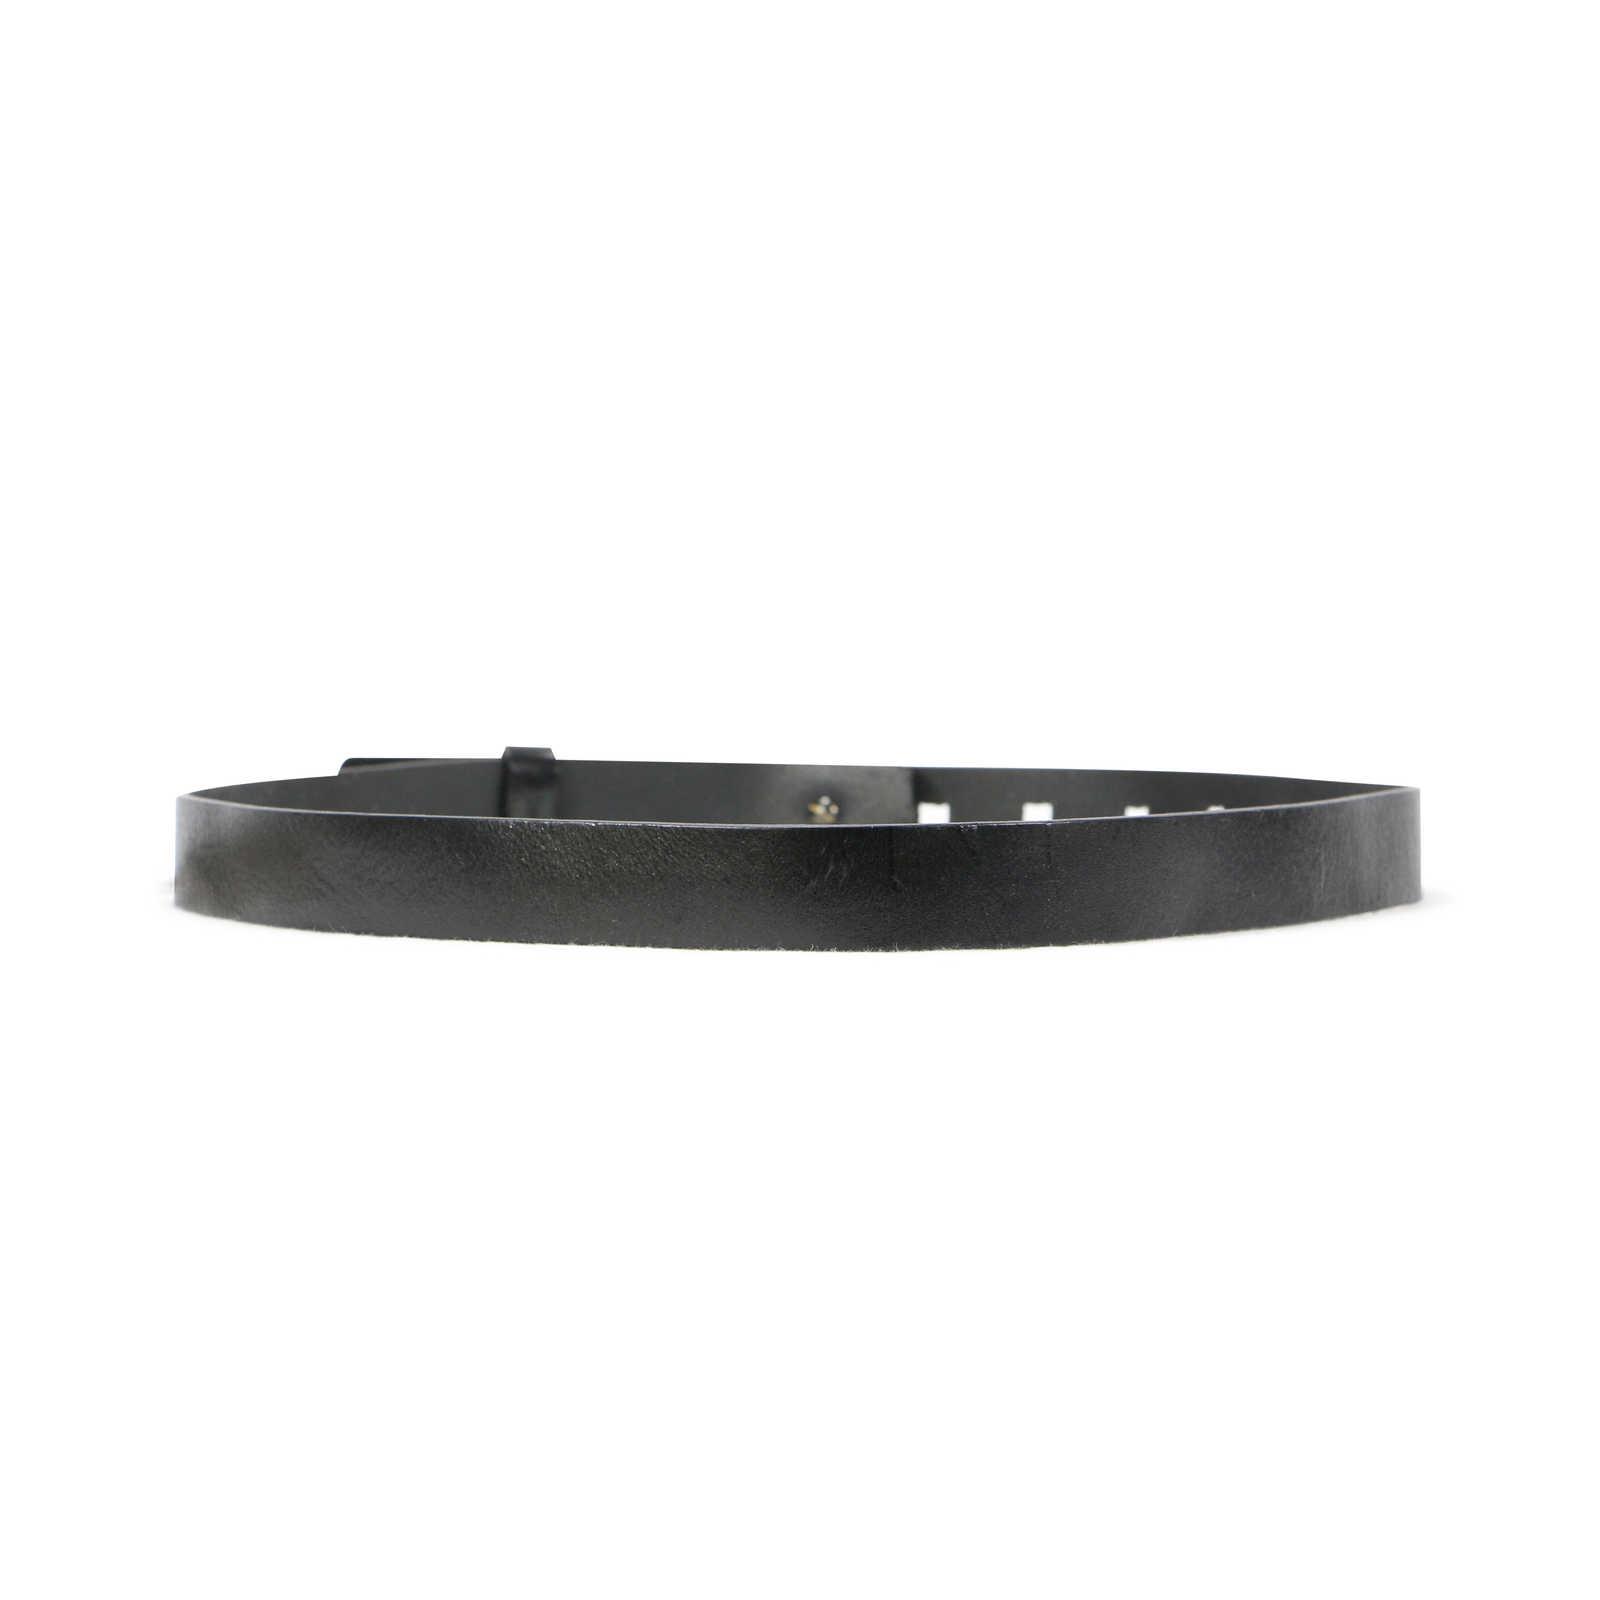 ... Authentic Second Hand Emporio Armani Chain Link Detail Belt  (PSS-200-00299) ... 9d332d12c1731